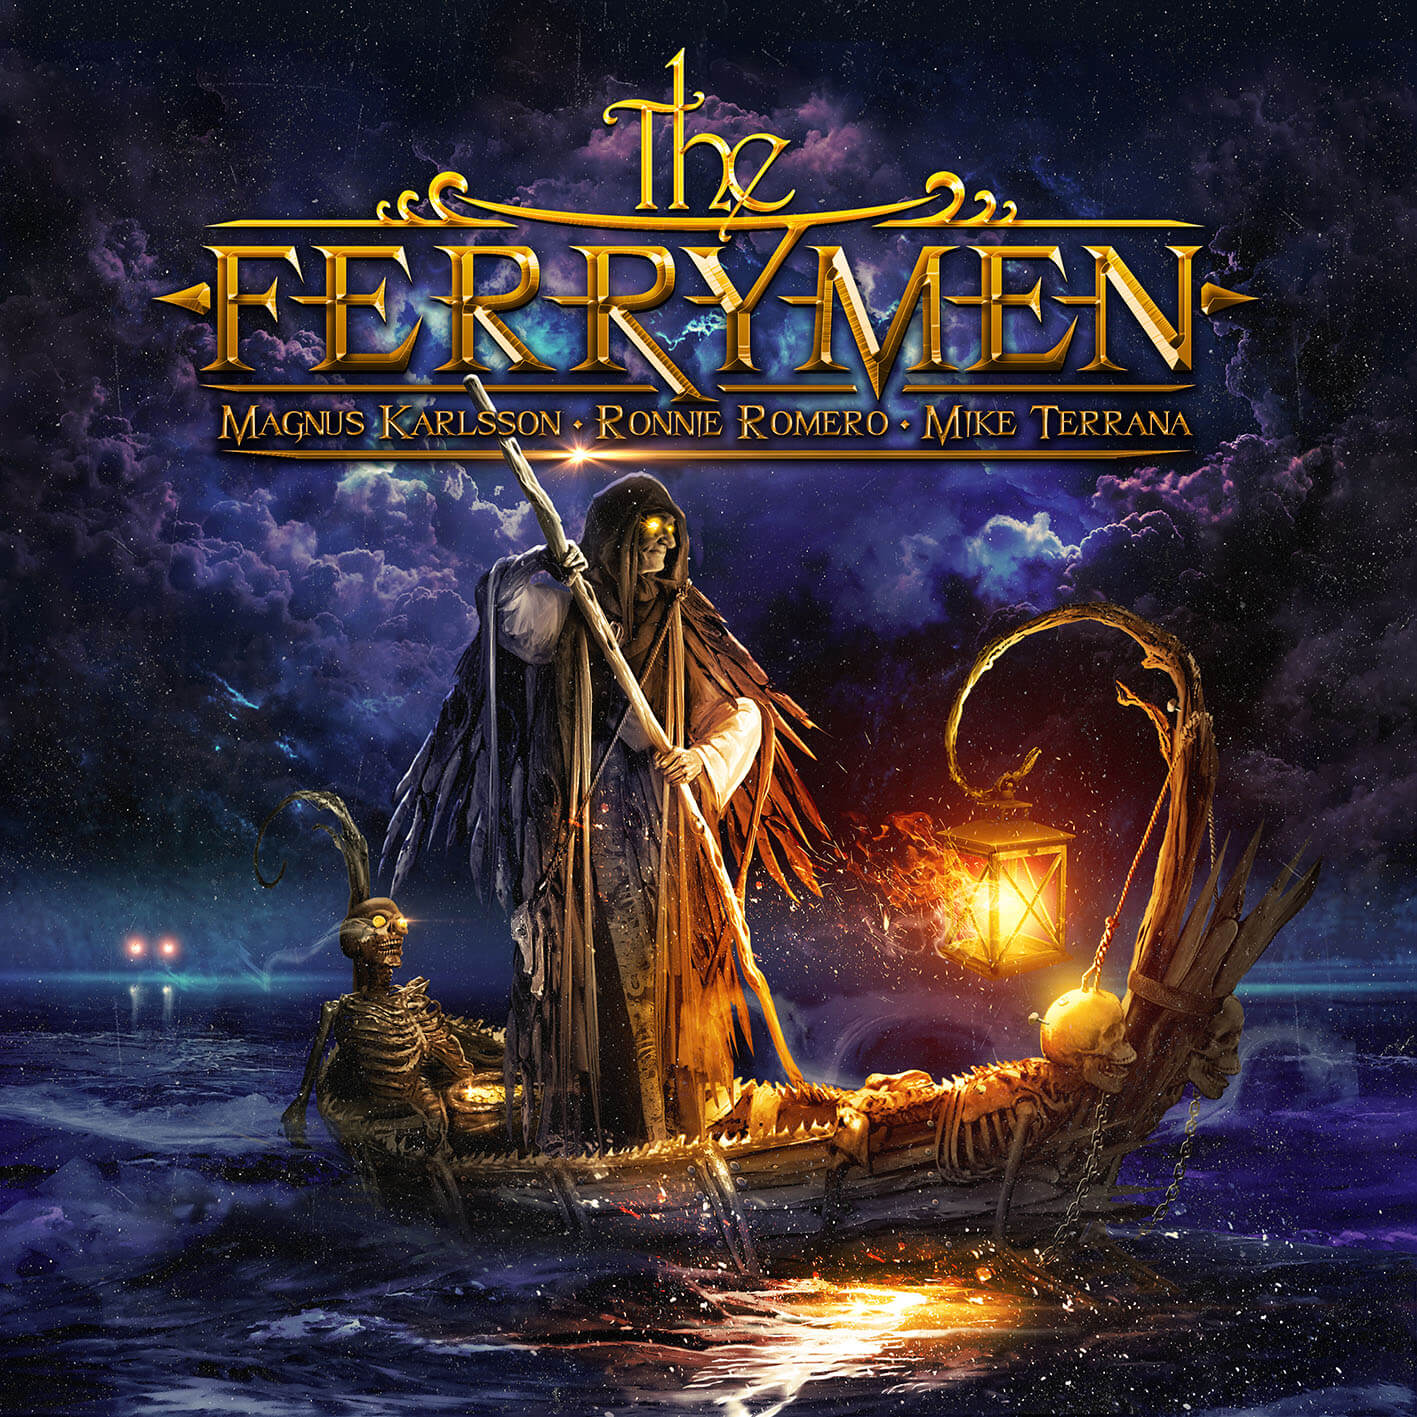 The Ferrymen - The Ferrymen (Jewel Case CD)